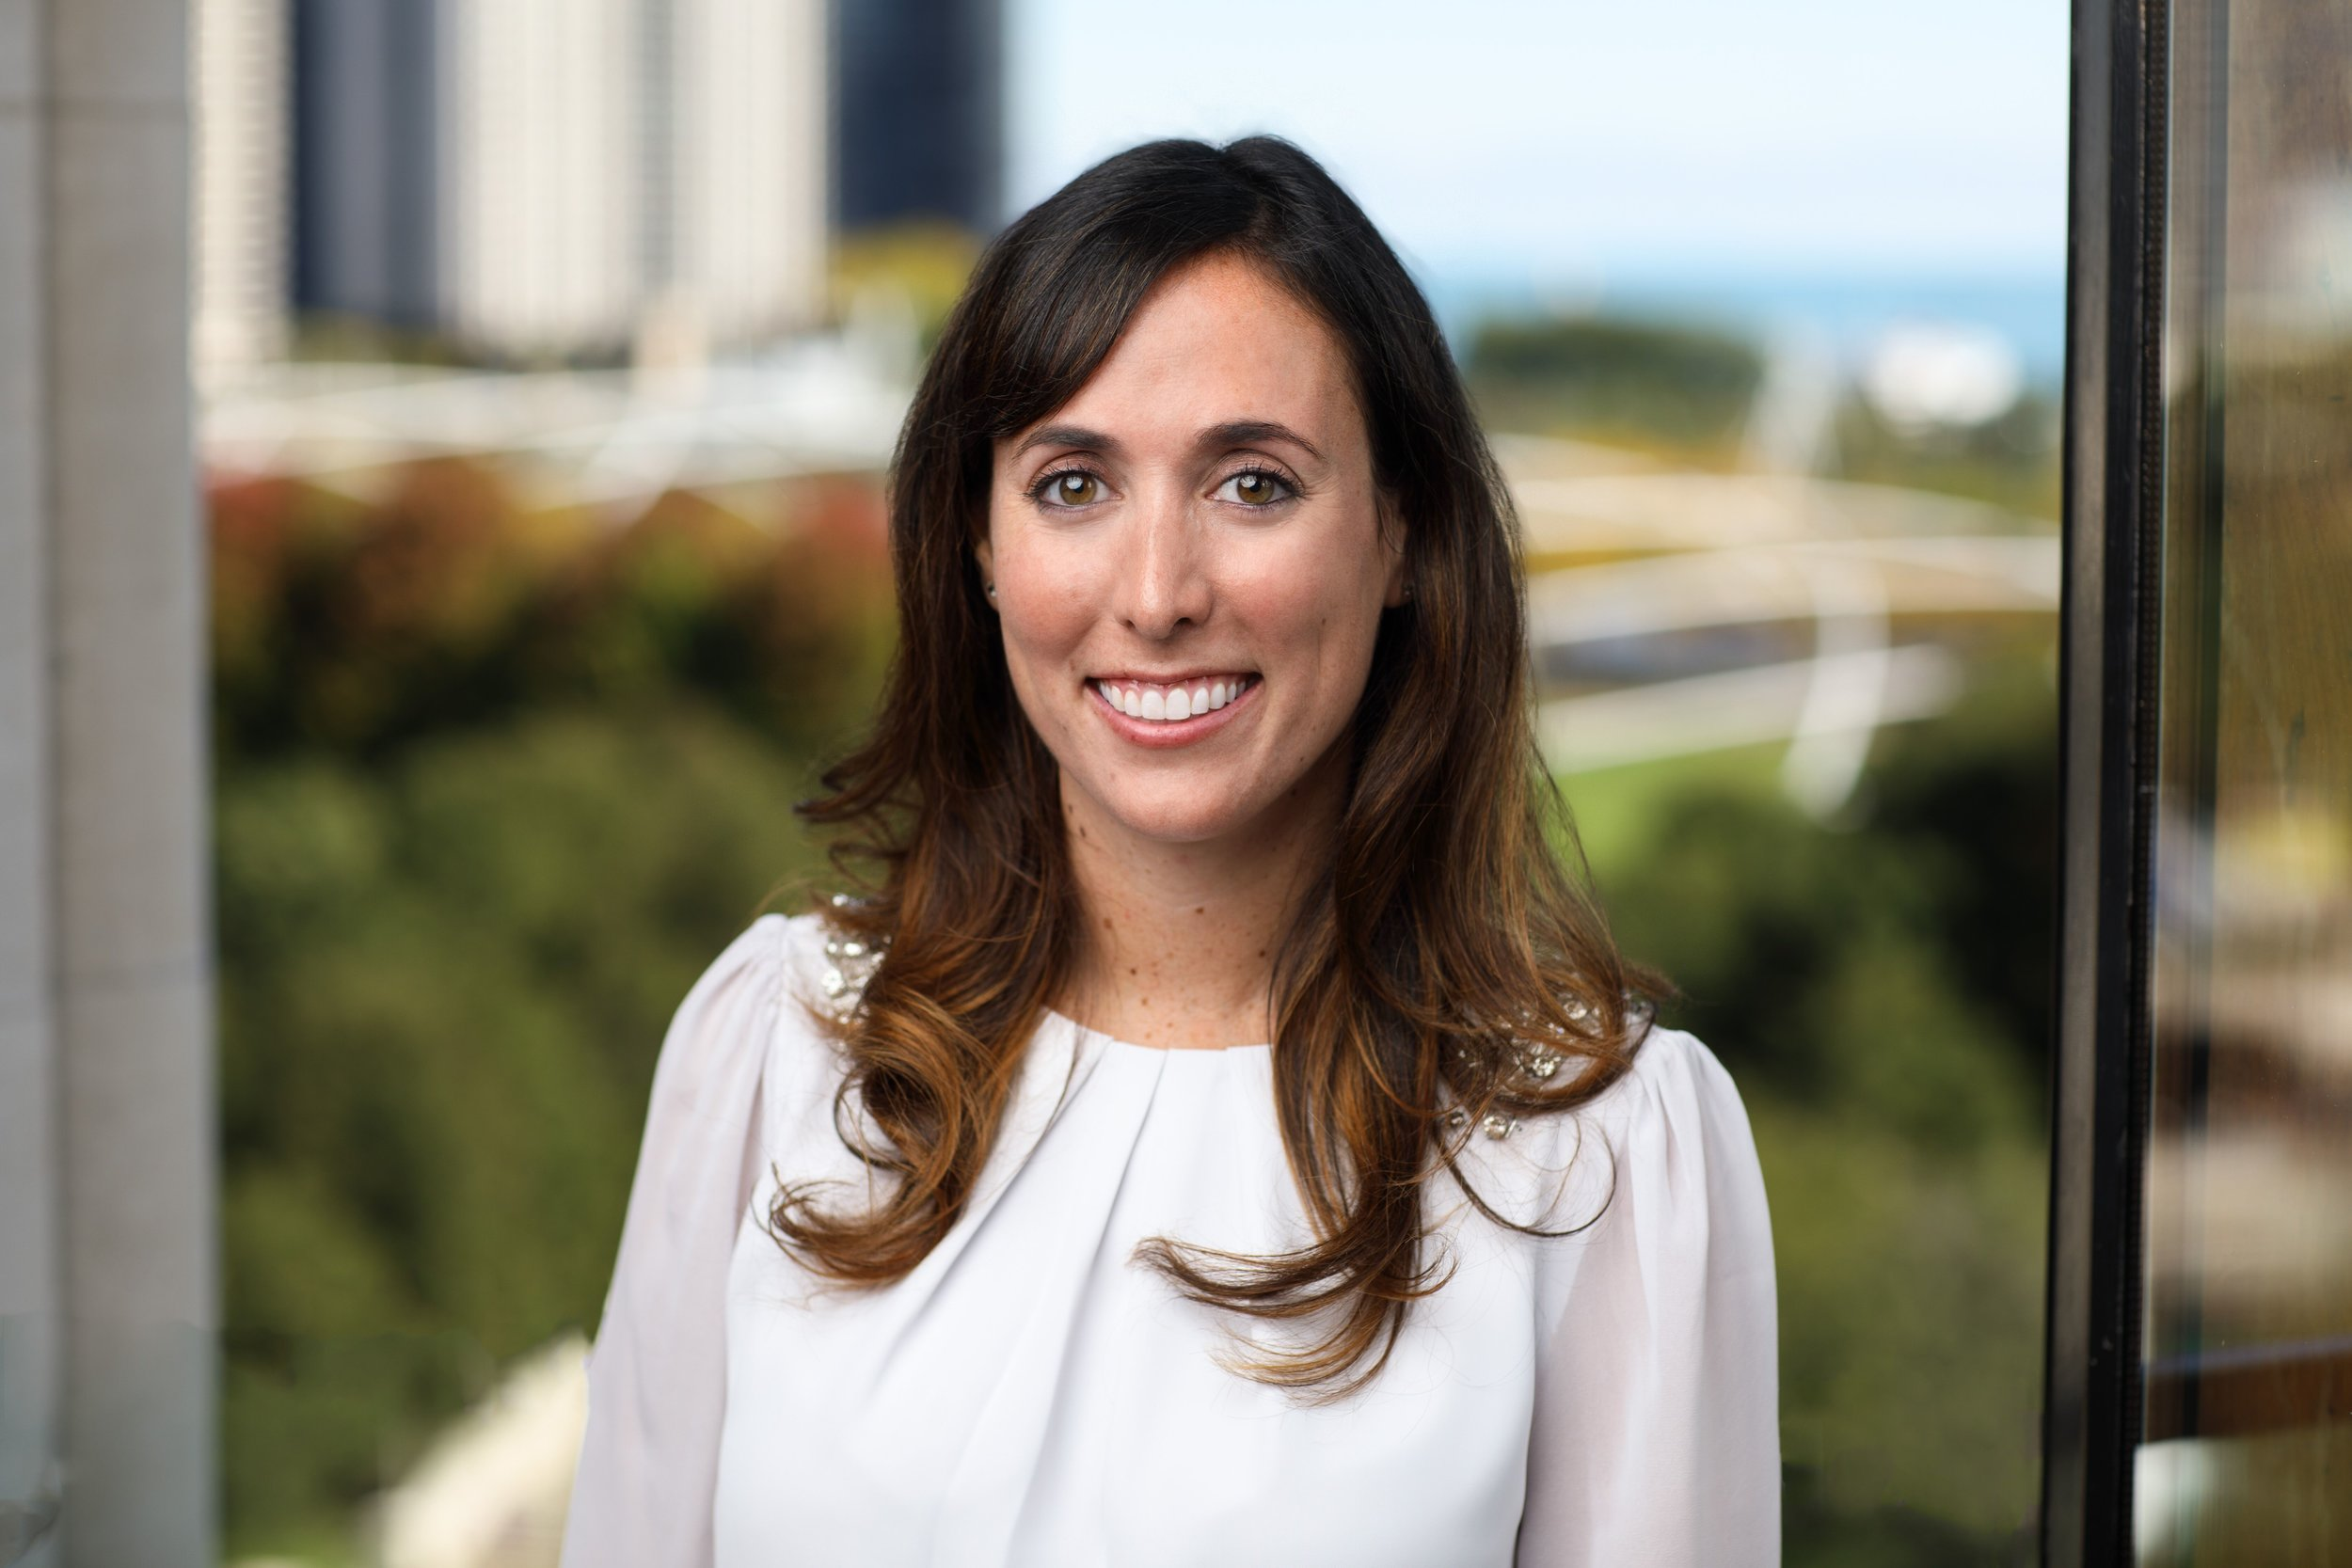 Alyssa Jaffee # 7wire Ventures